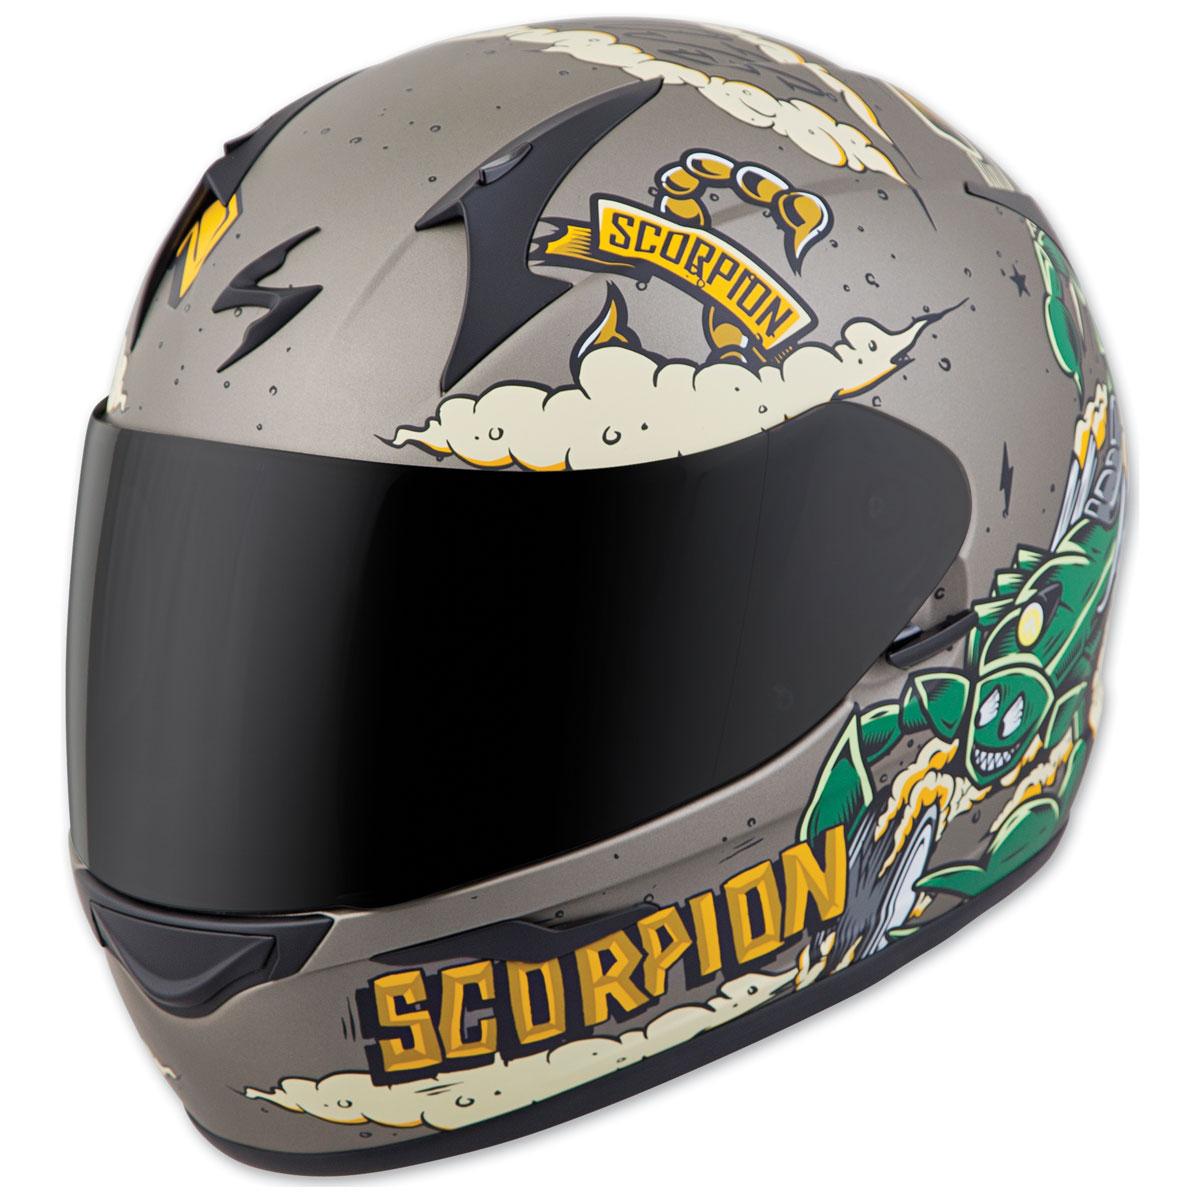 Scorpion EXO EXO-R320 Moto Fink Full Face Helmet